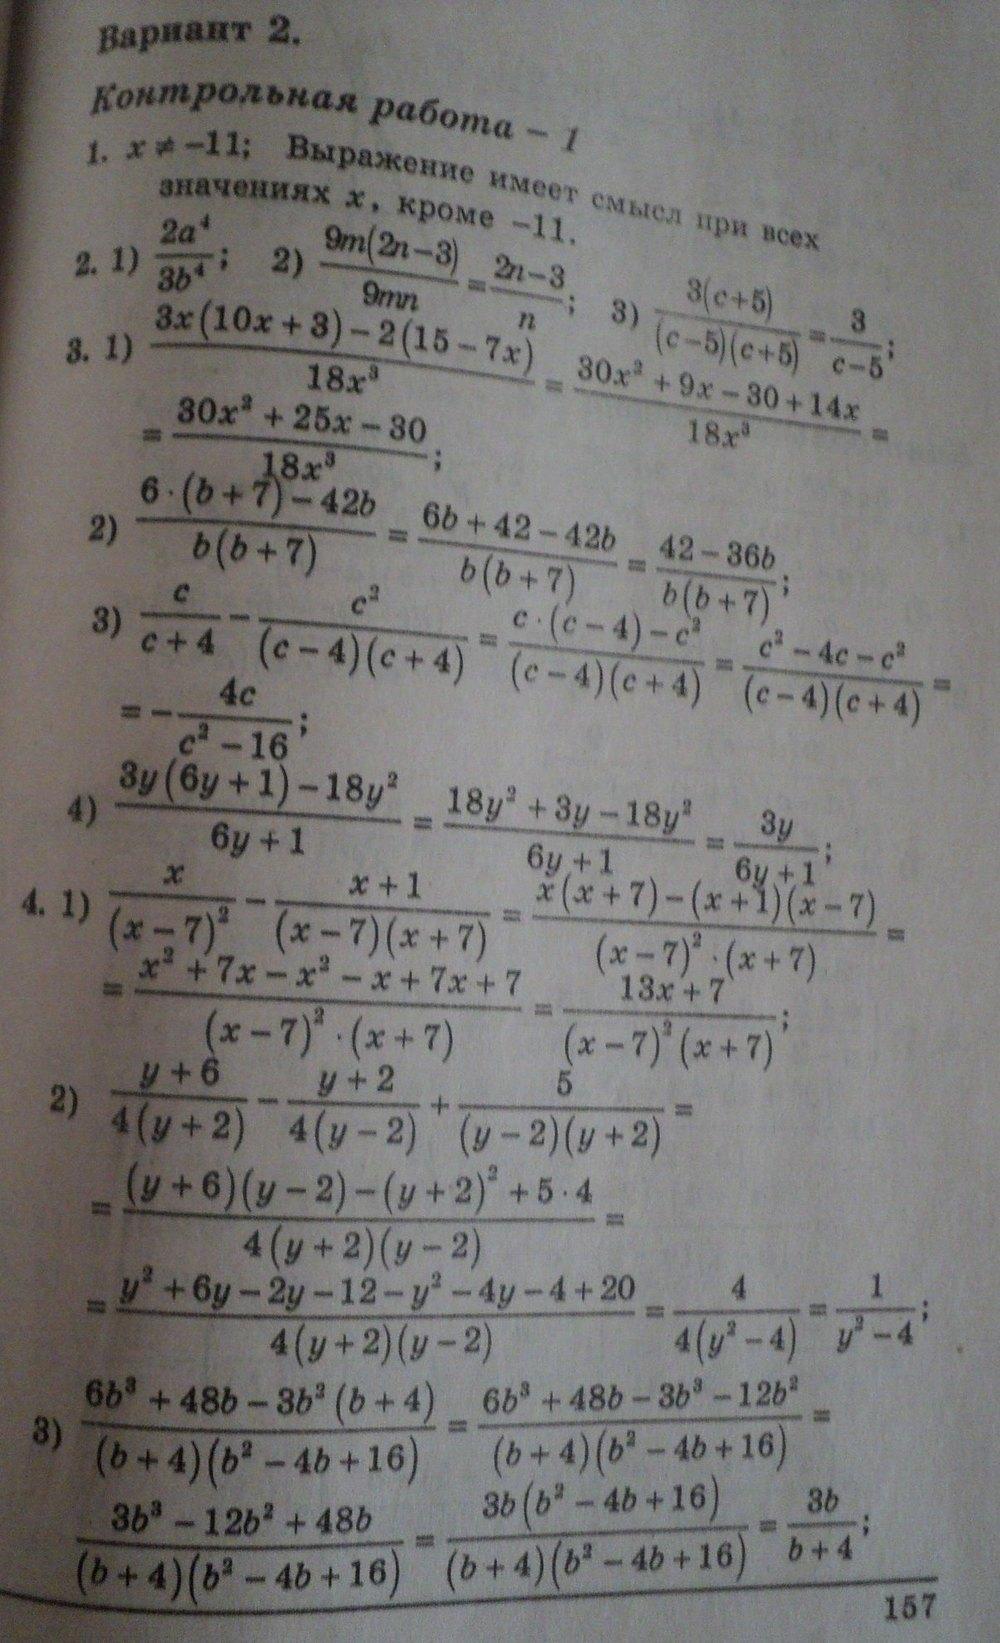 ГДЗ по алгебре 8 класс Щербань П.. Задание: стр. 157